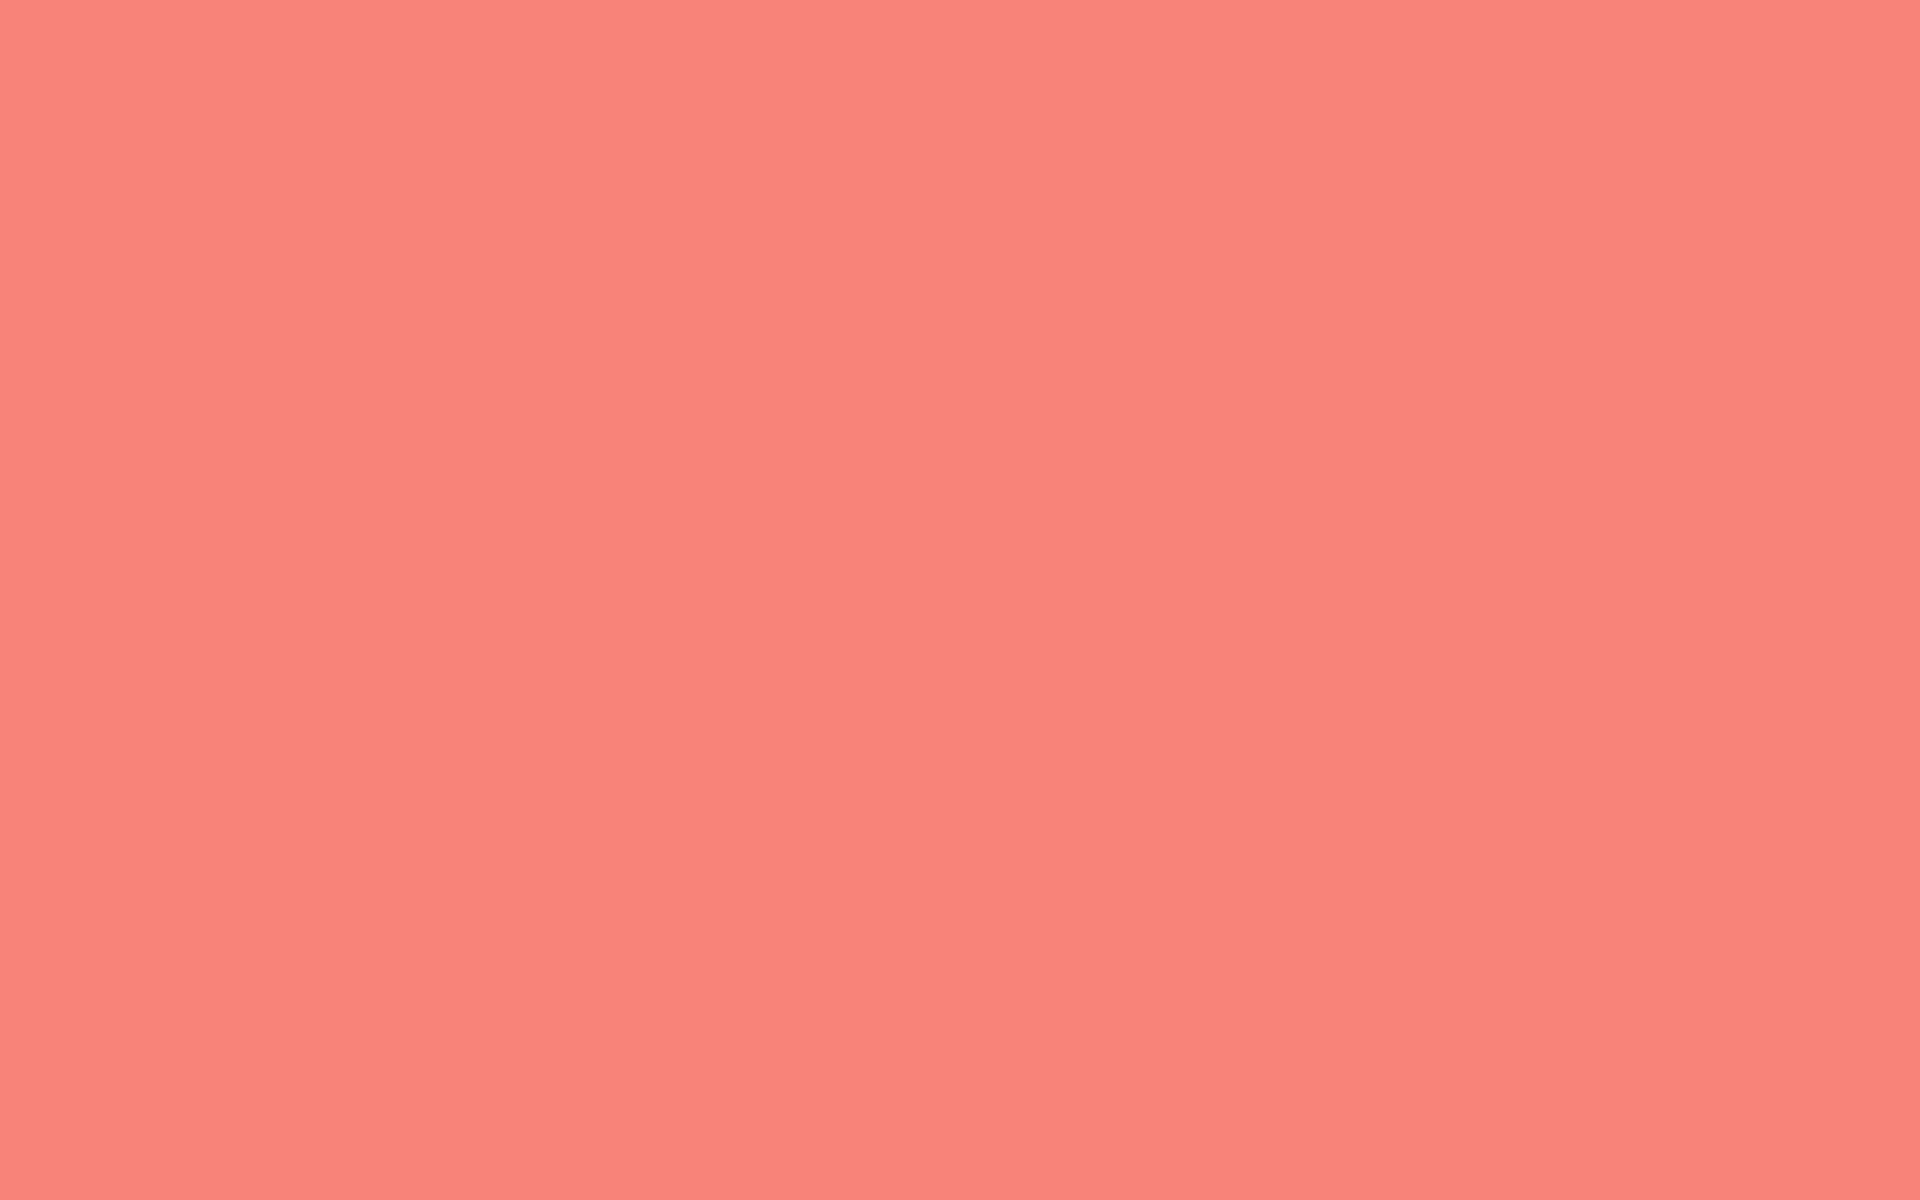 1920x1200 Tea Rose Orange Solid Color Background